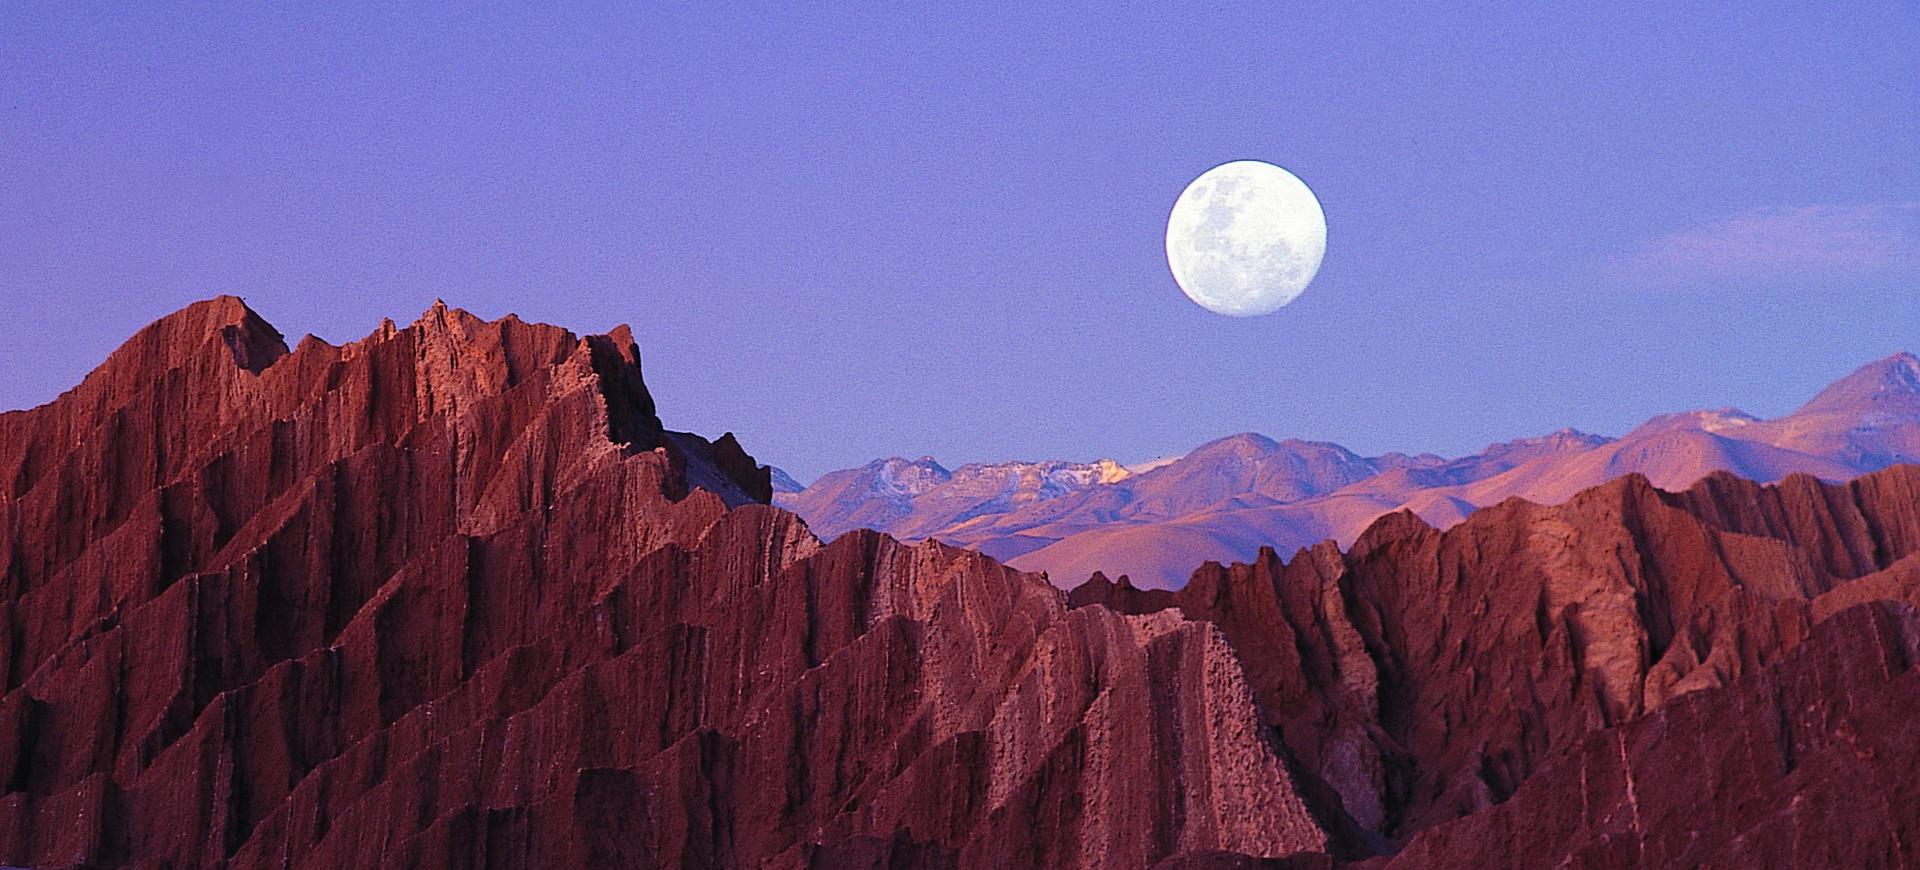 San Pedro de Atacama au Chili, ses églises et son immense Désert